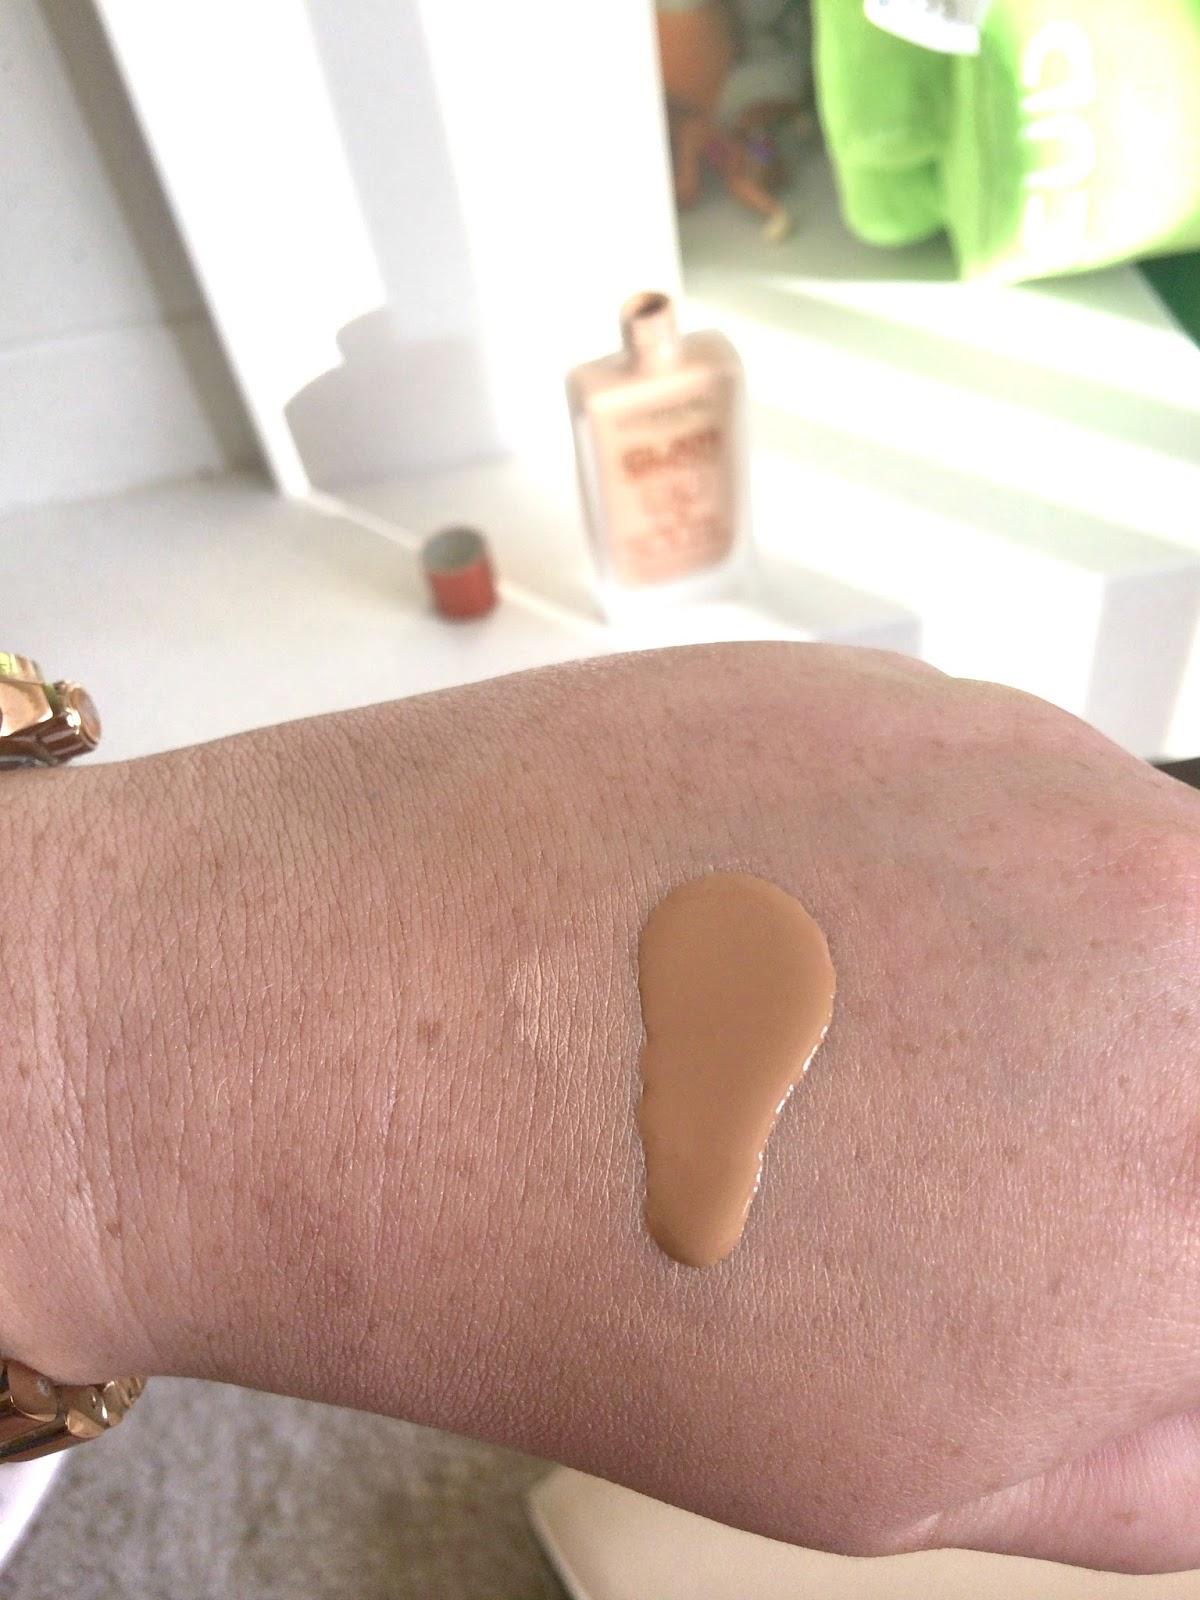 L'oreal glam bronze eau de soleil swatch sample